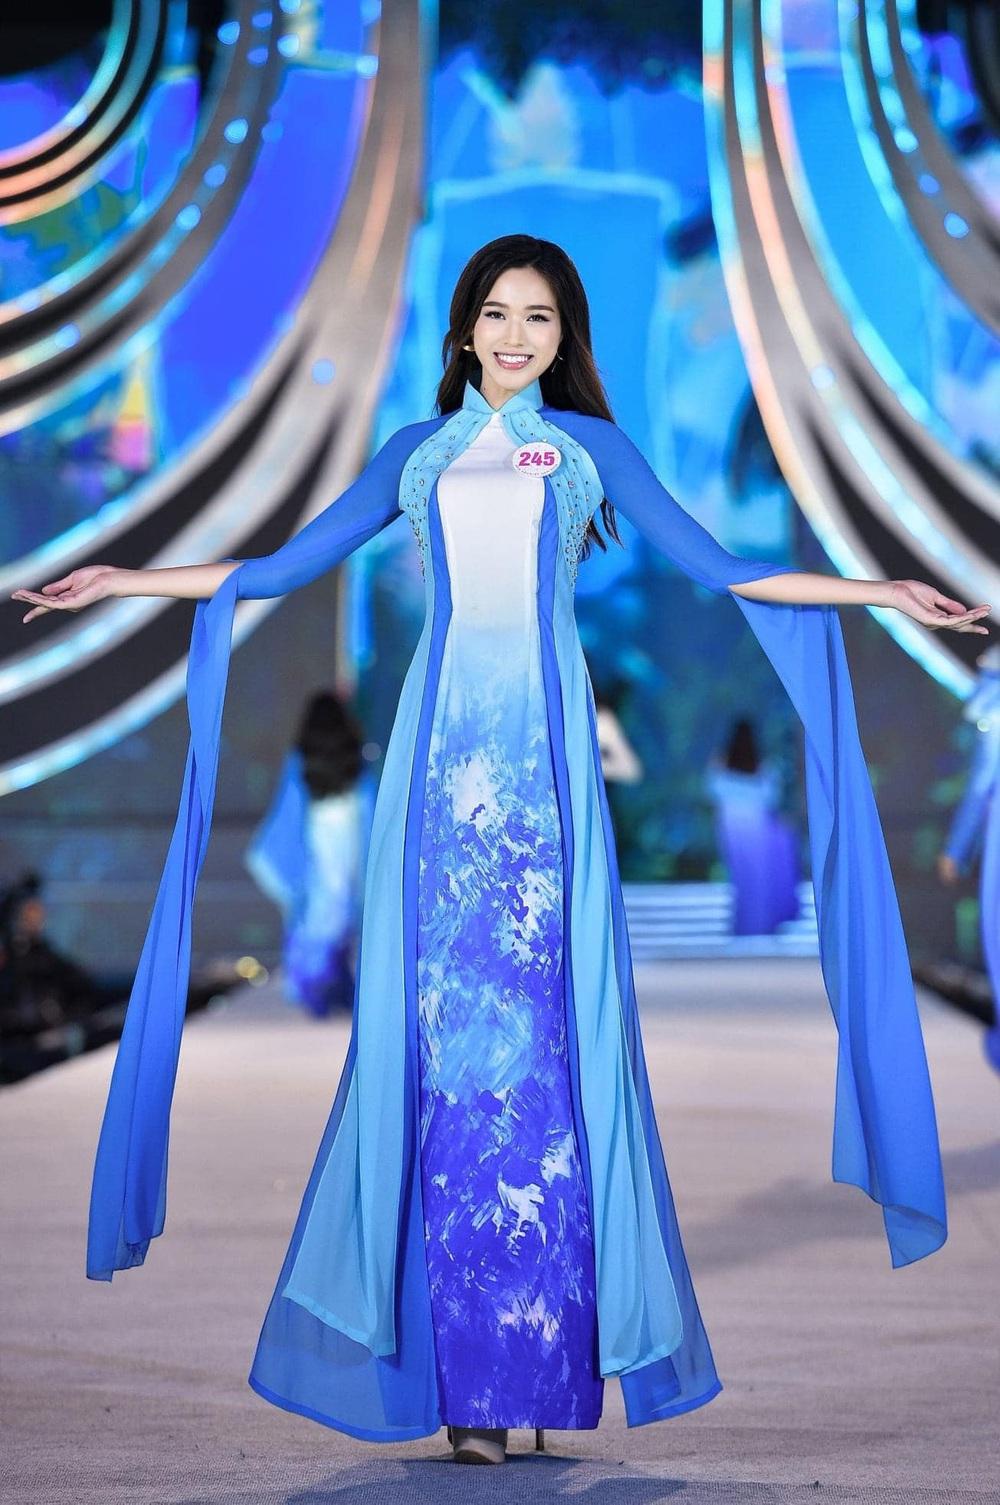 Hành trình từ nữ sinh Thanh Hóa đến tân Hoa hậu Việt Nam 2020 của Đỗ Thị Hà - Ảnh 7.